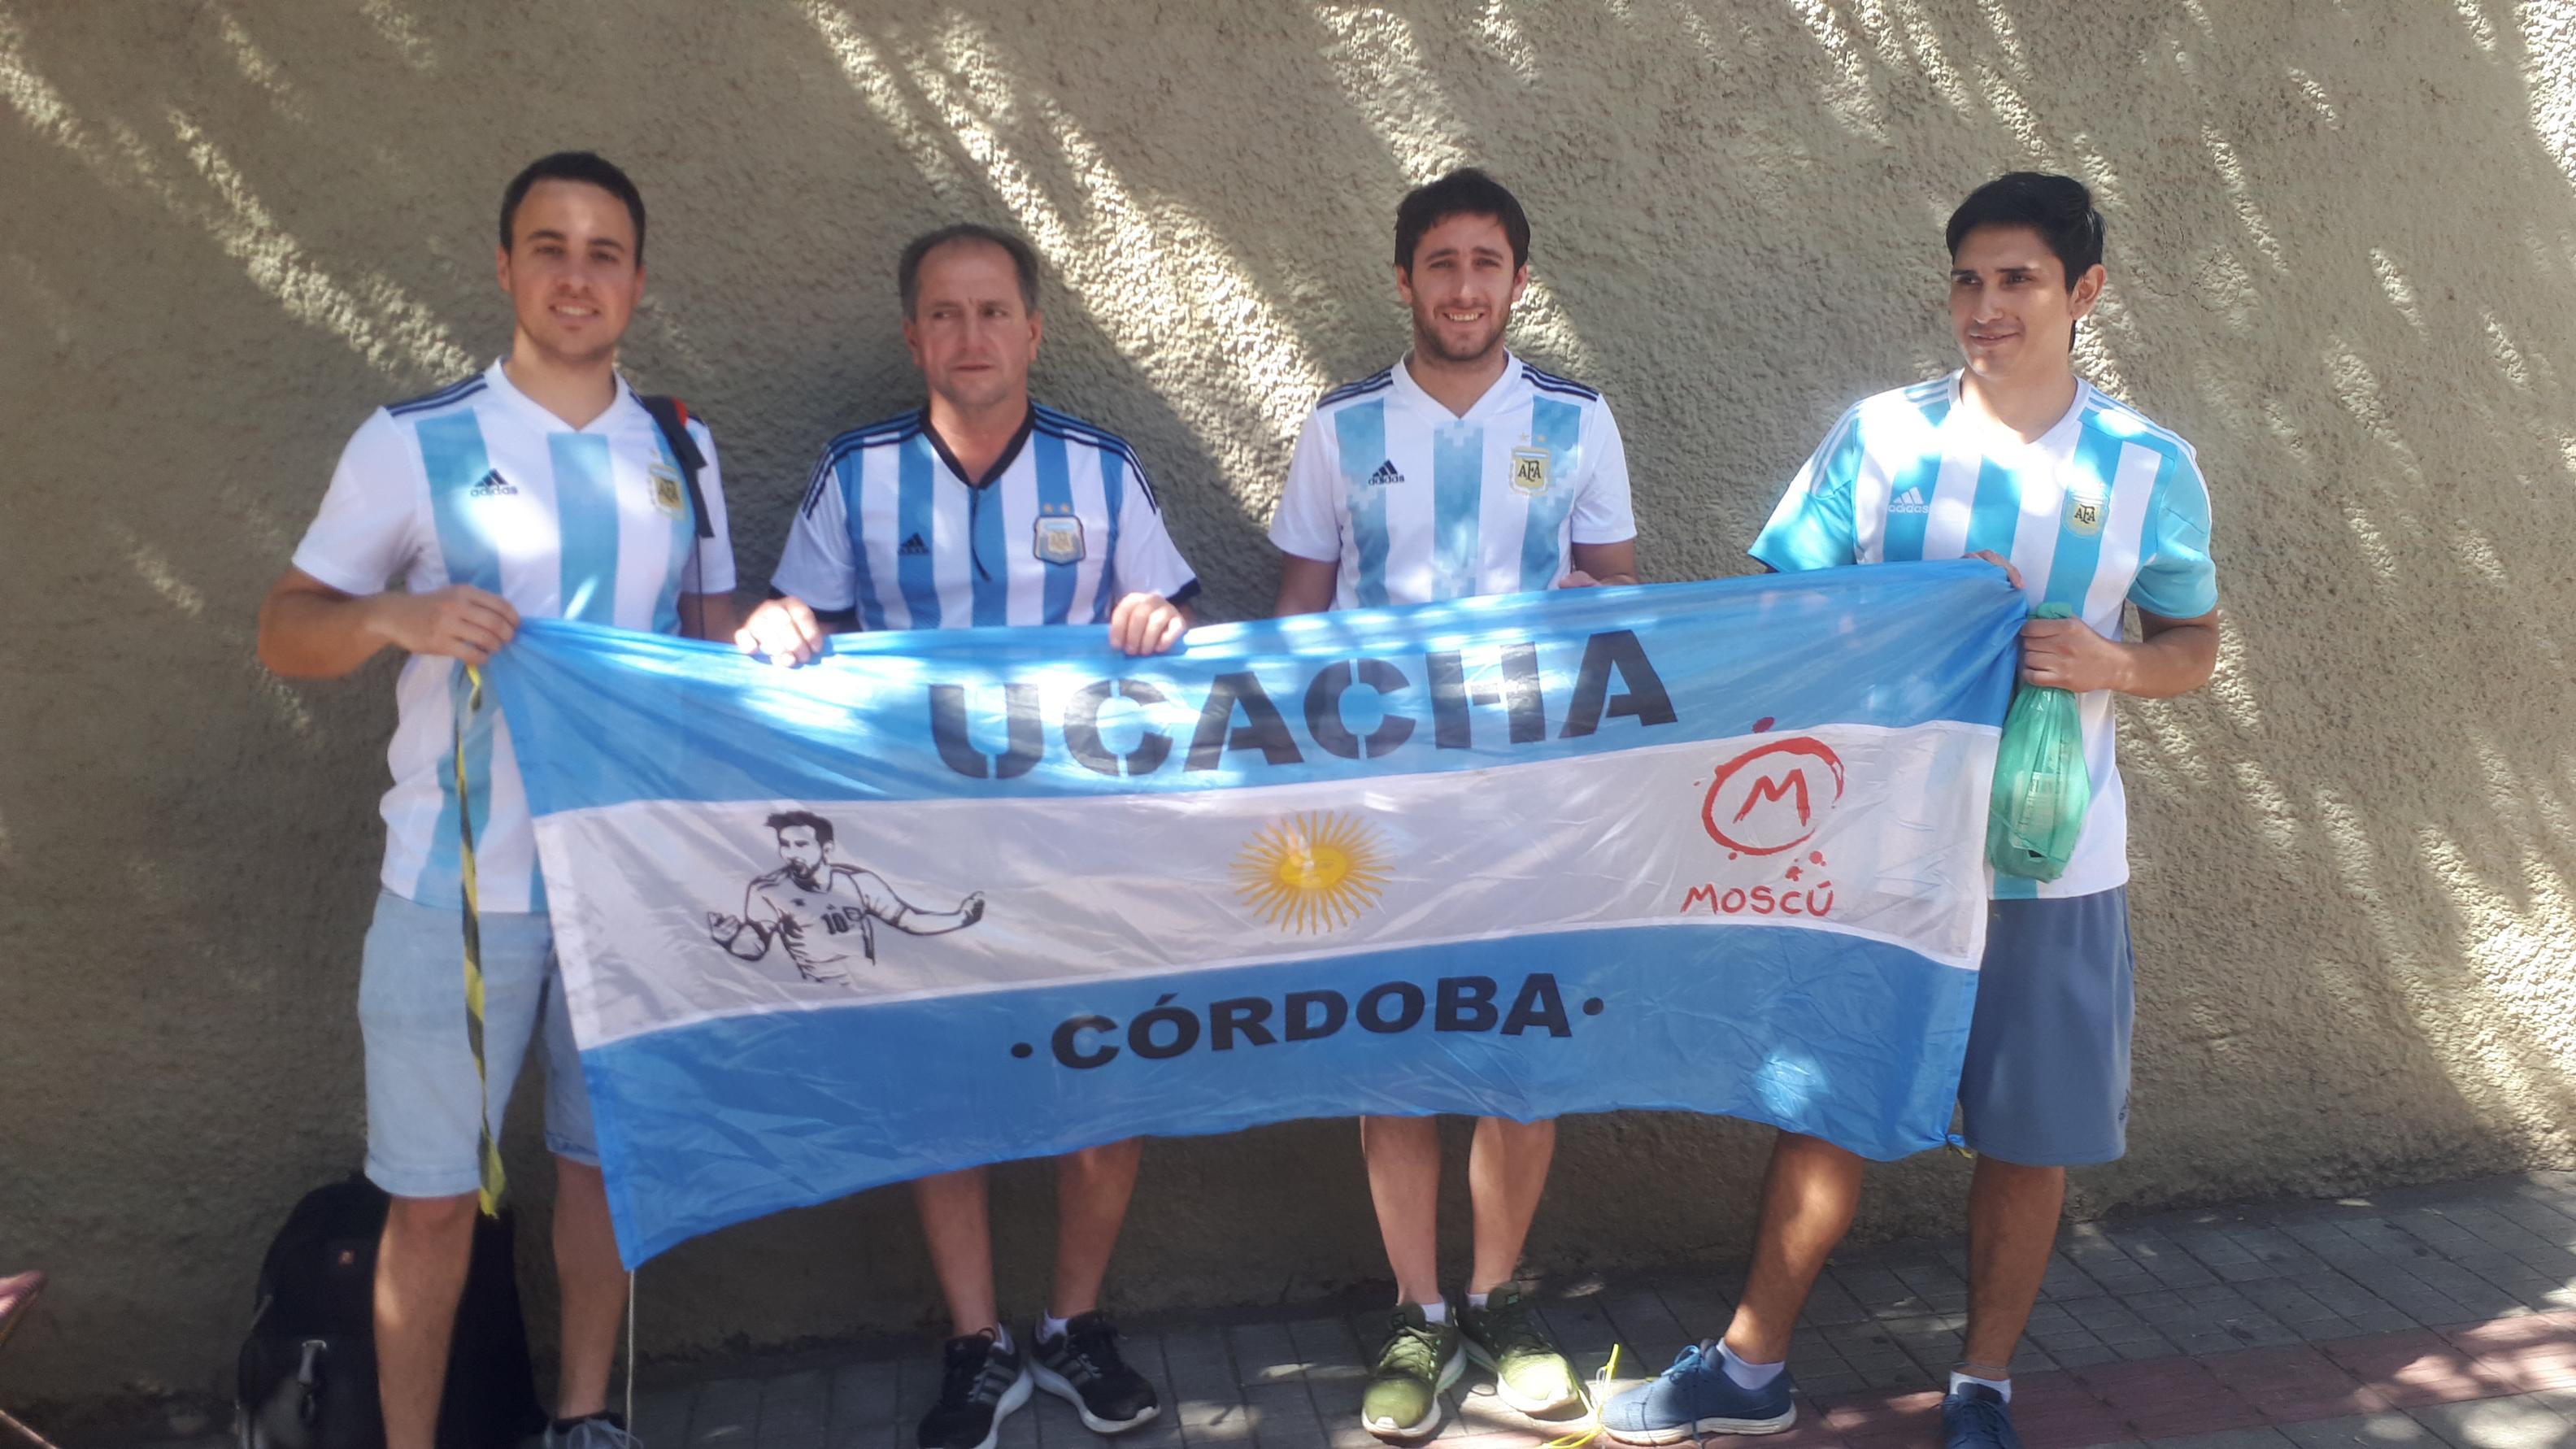 Brasil 2019: de Ucacha al Minerao con la Selección